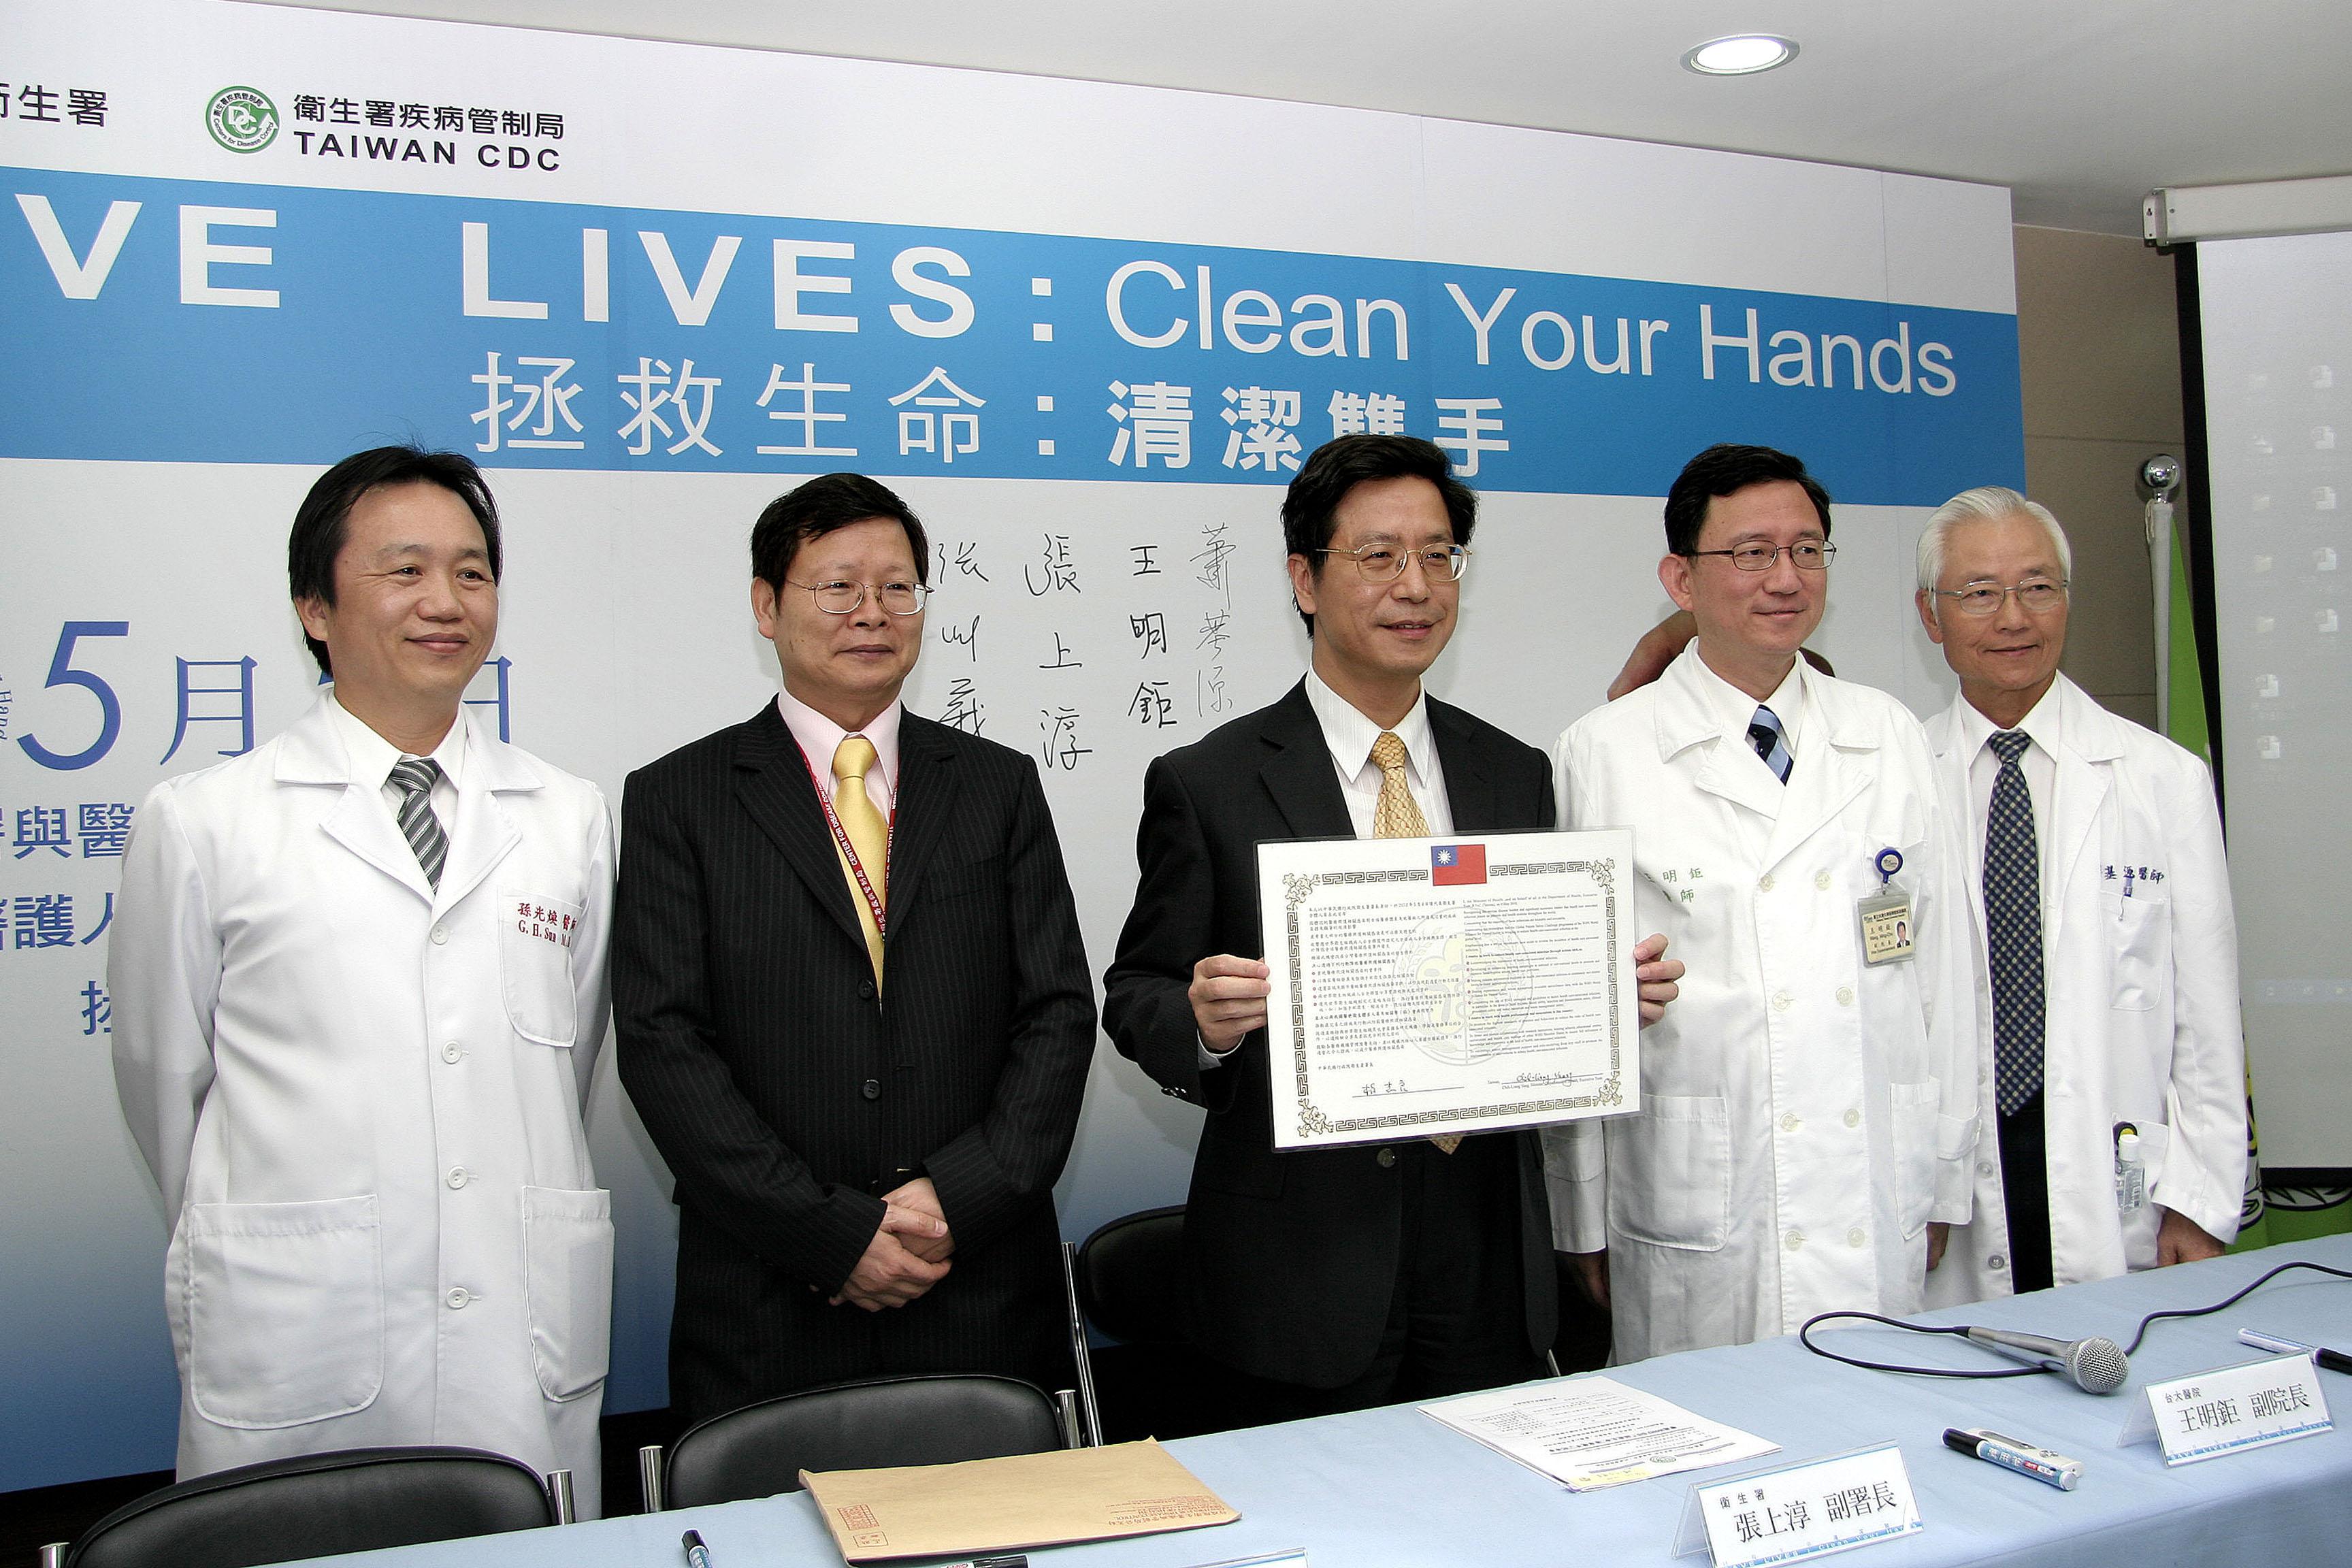 響應WHO「拯救生命 清潔雙手」醫護人員手部衛生活動:衛生署承諾致力控制醫療照護相關感染